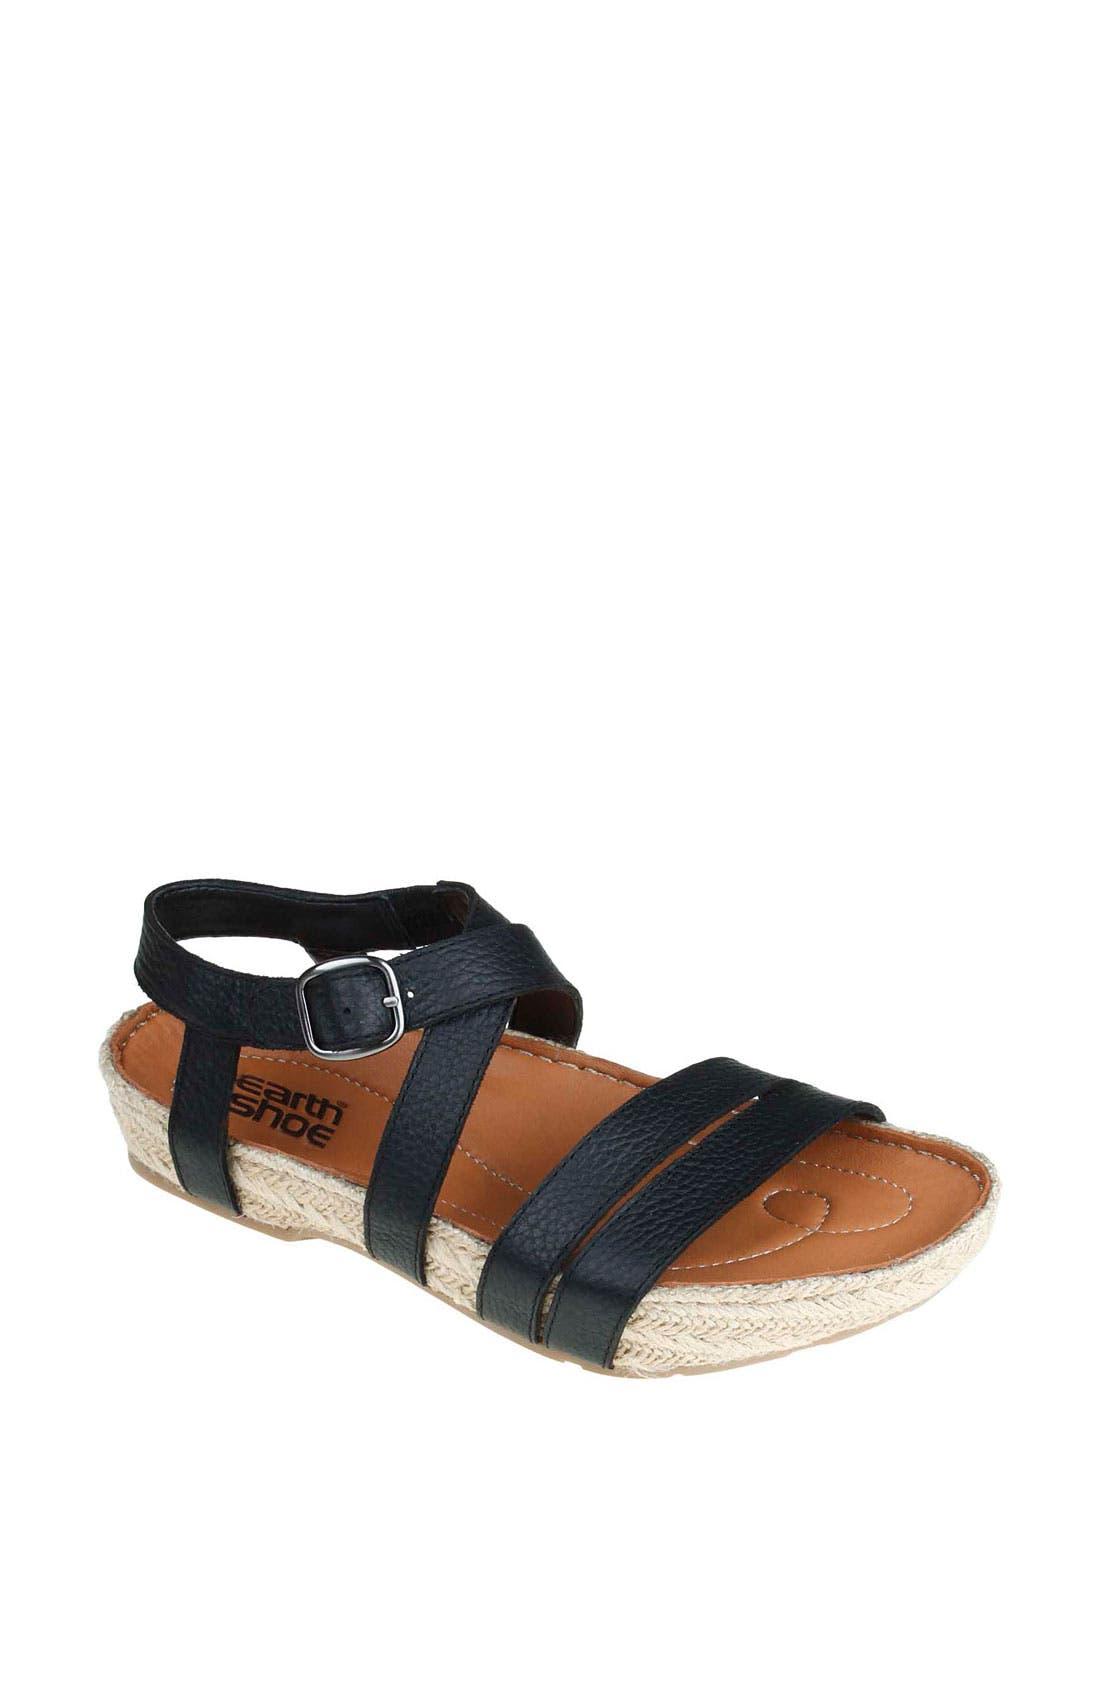 Main Image - Kalso Earth® 'Enlighten' Sandal